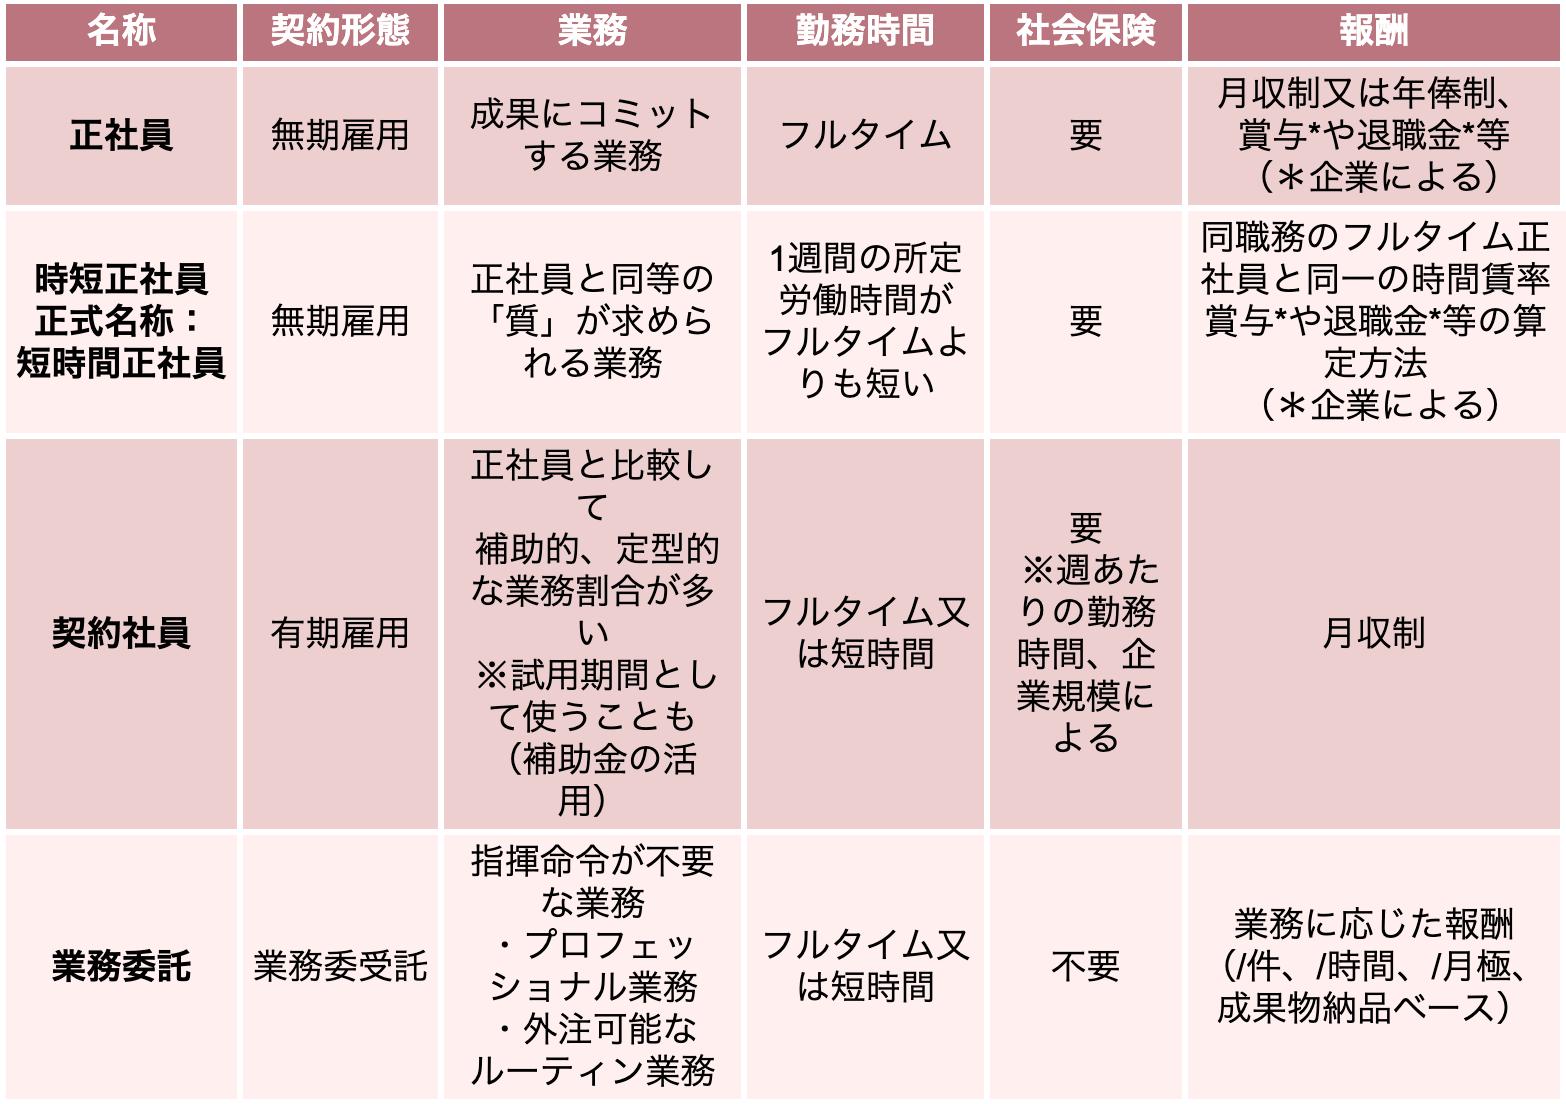 〔4つの採用契約の特徴〕